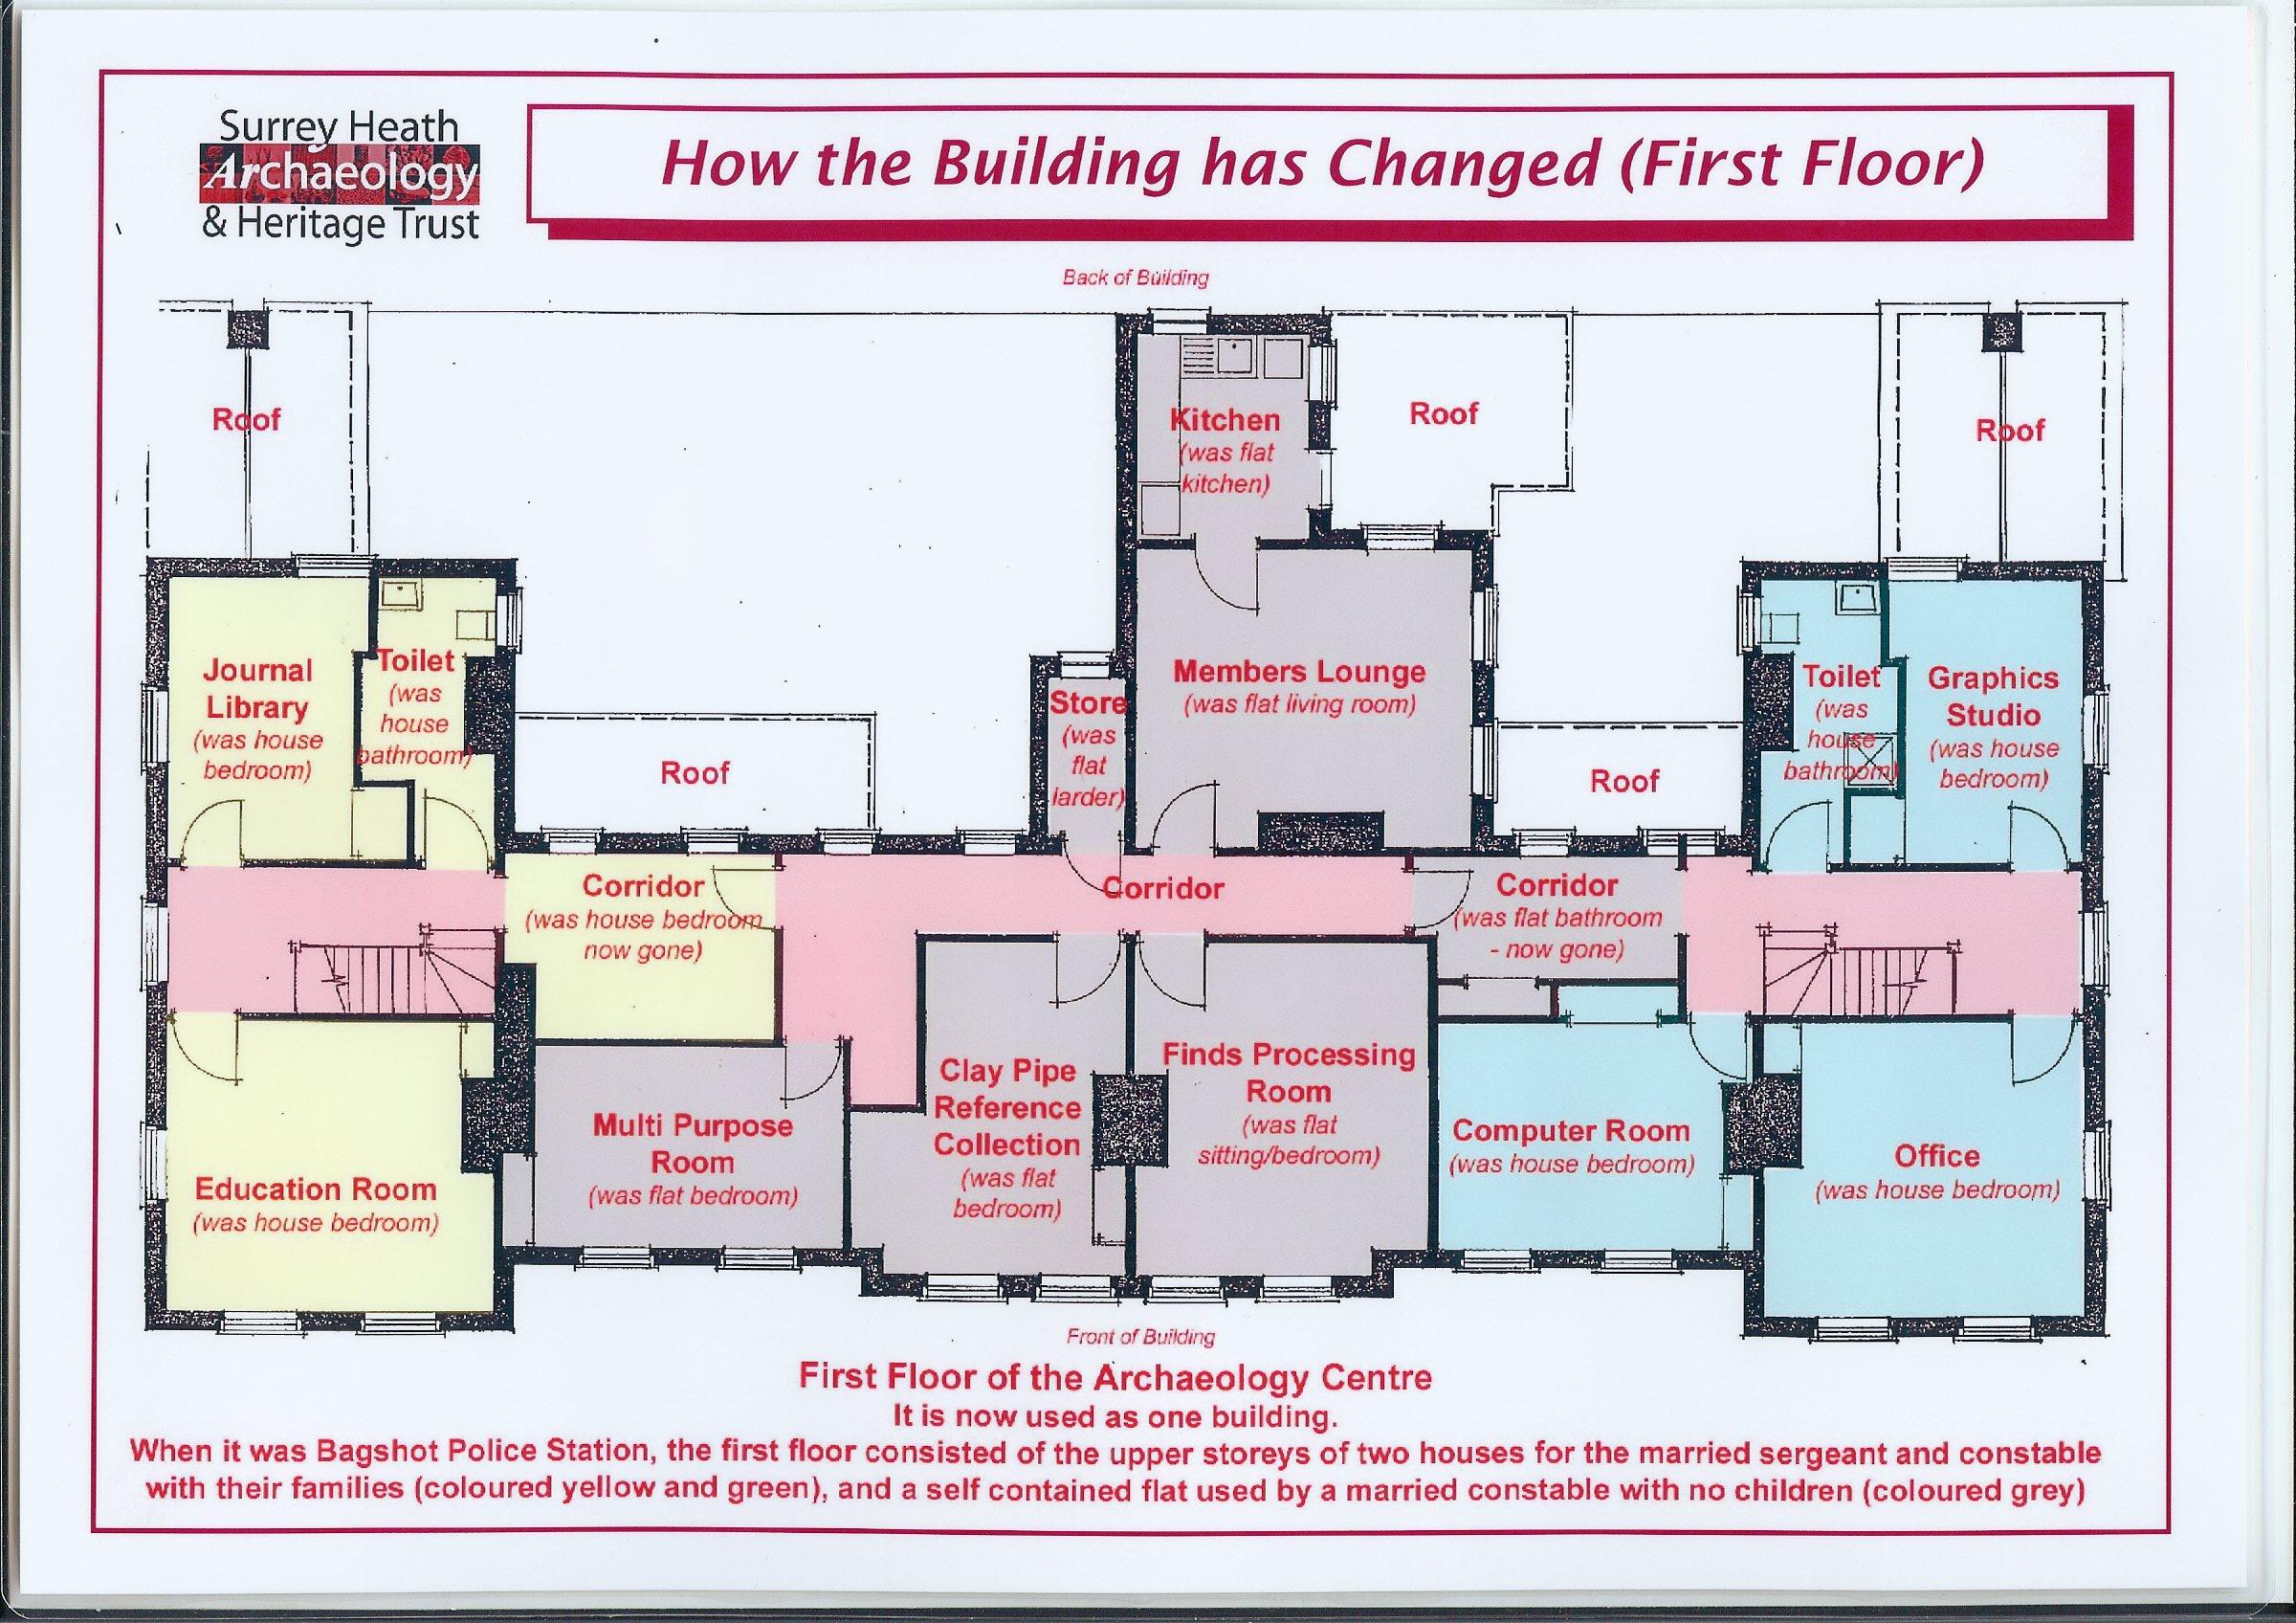 bagshot police station floor plans surrey heath police station floor plans 171 unique house plans